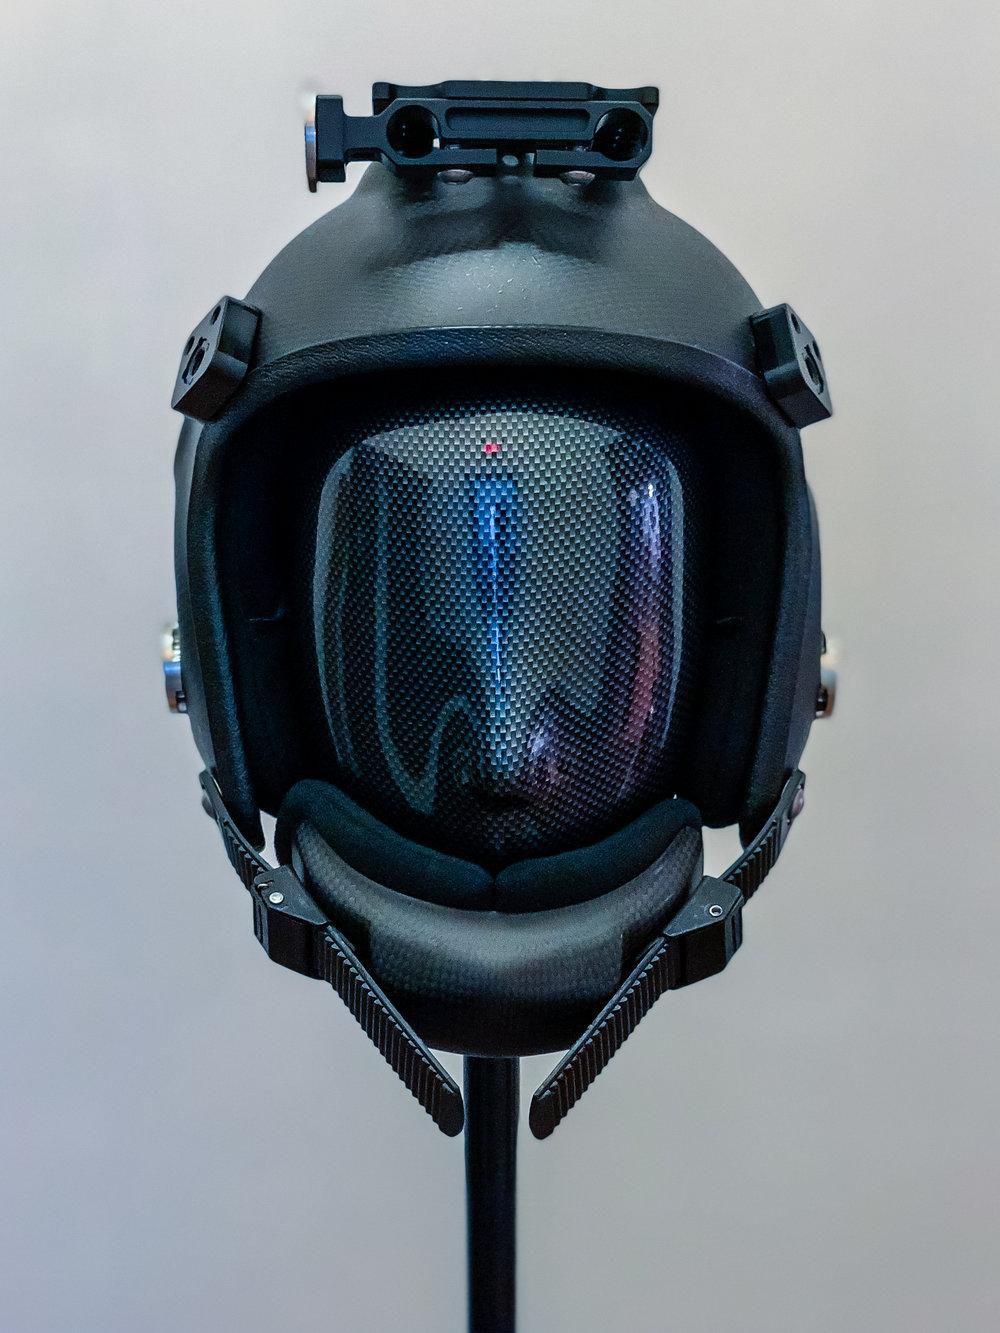 Front view of helmet